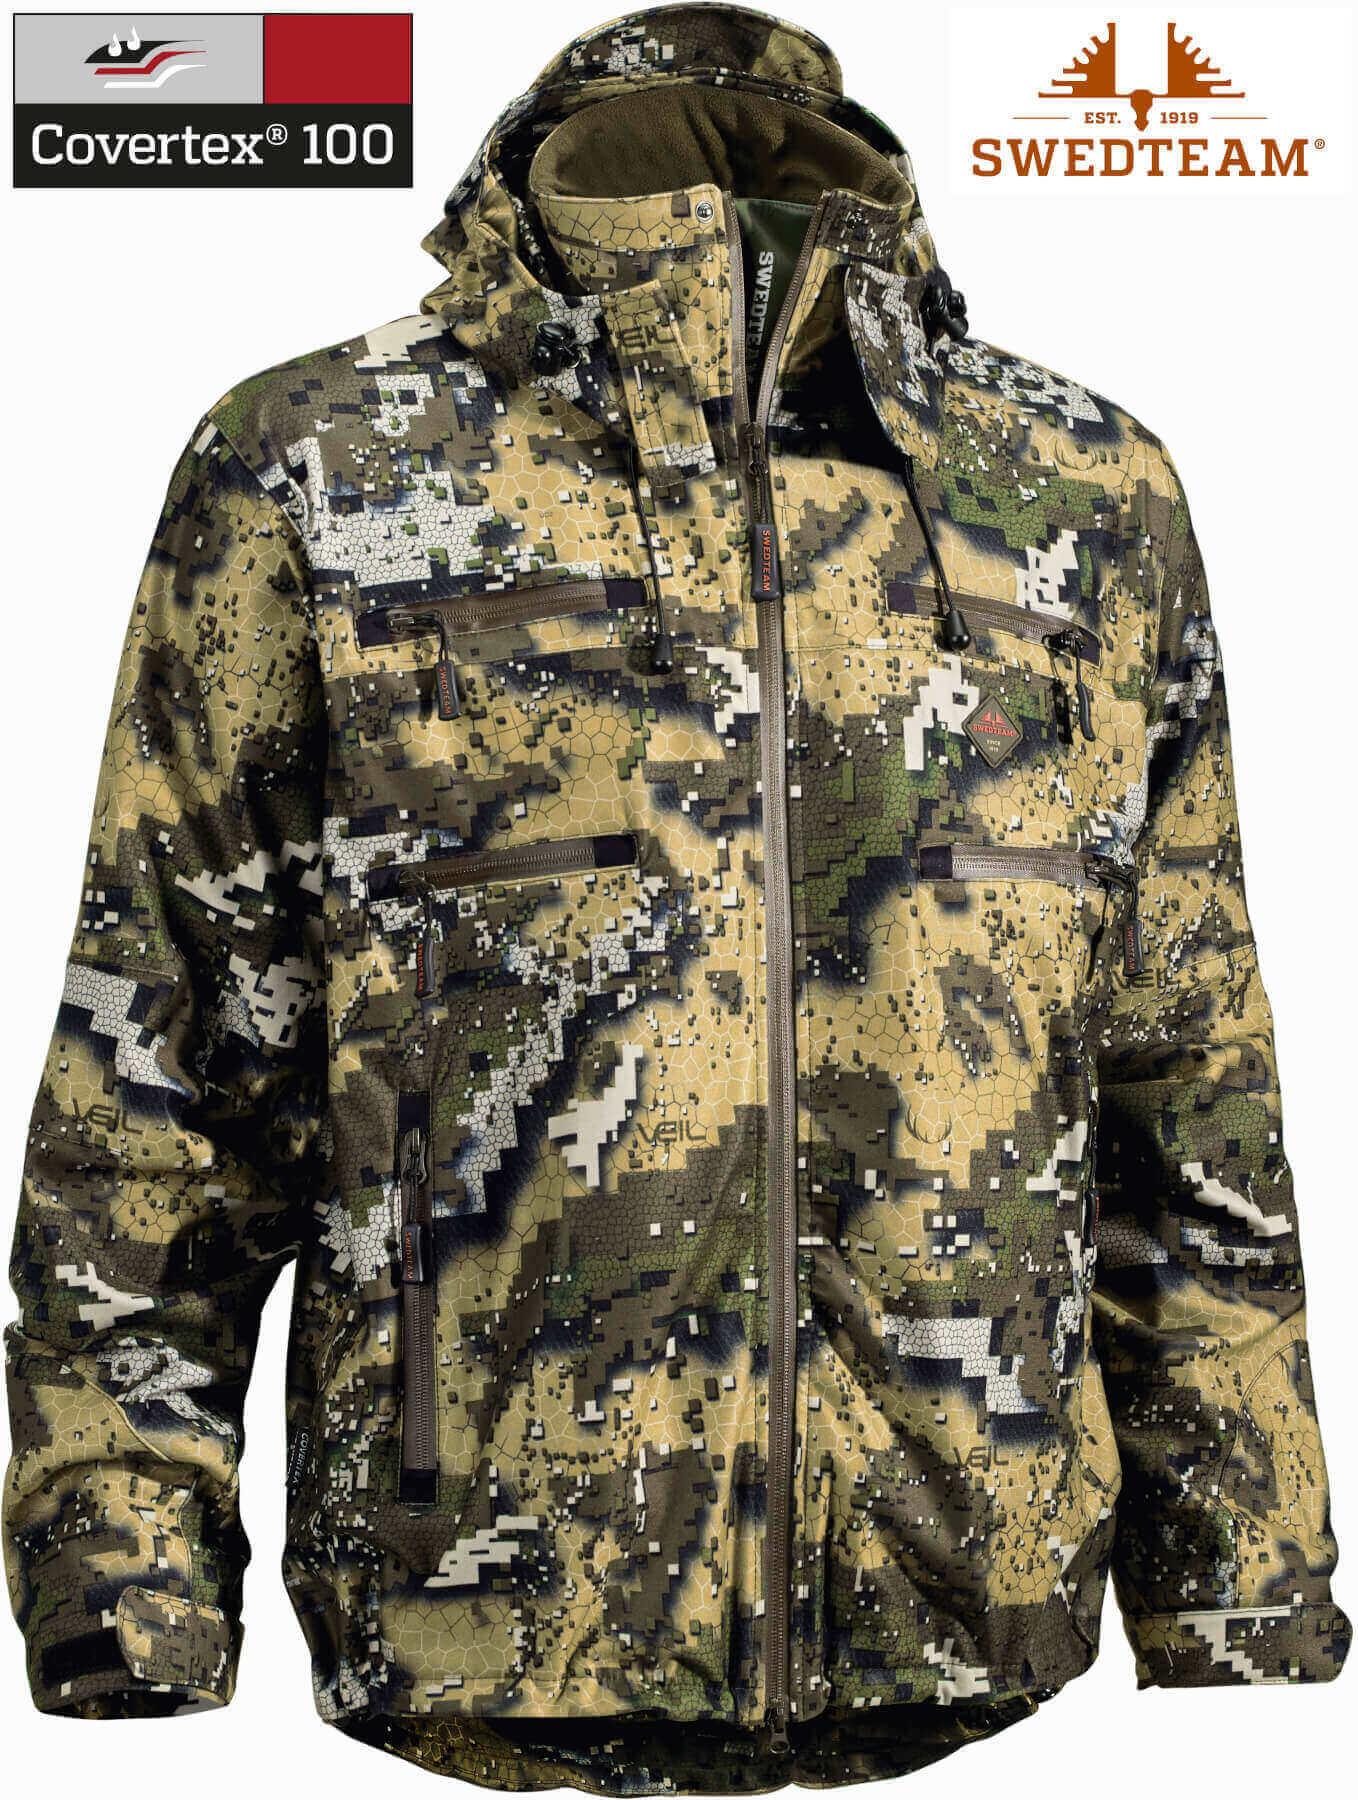 Camouflagejacke Ridge Pro im Desolve Veil Muster mit Covertex-Membran von Swedteam